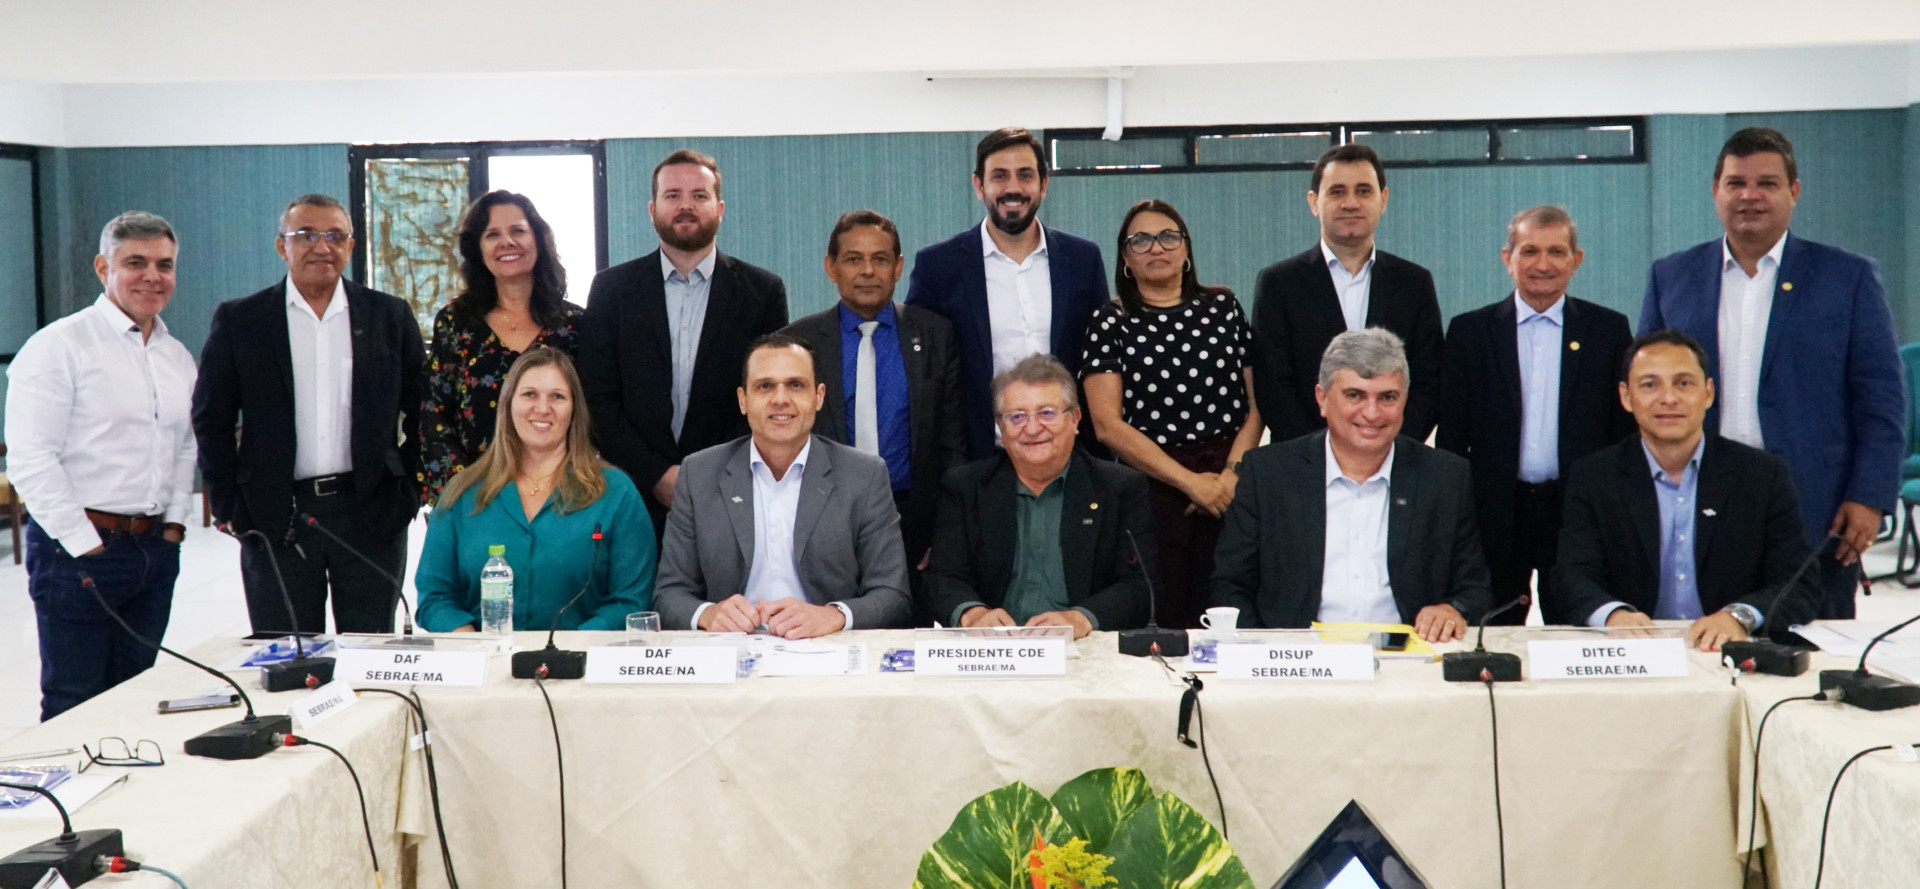 Apresentação na 9a Reunião Ordinária do CDE/MA